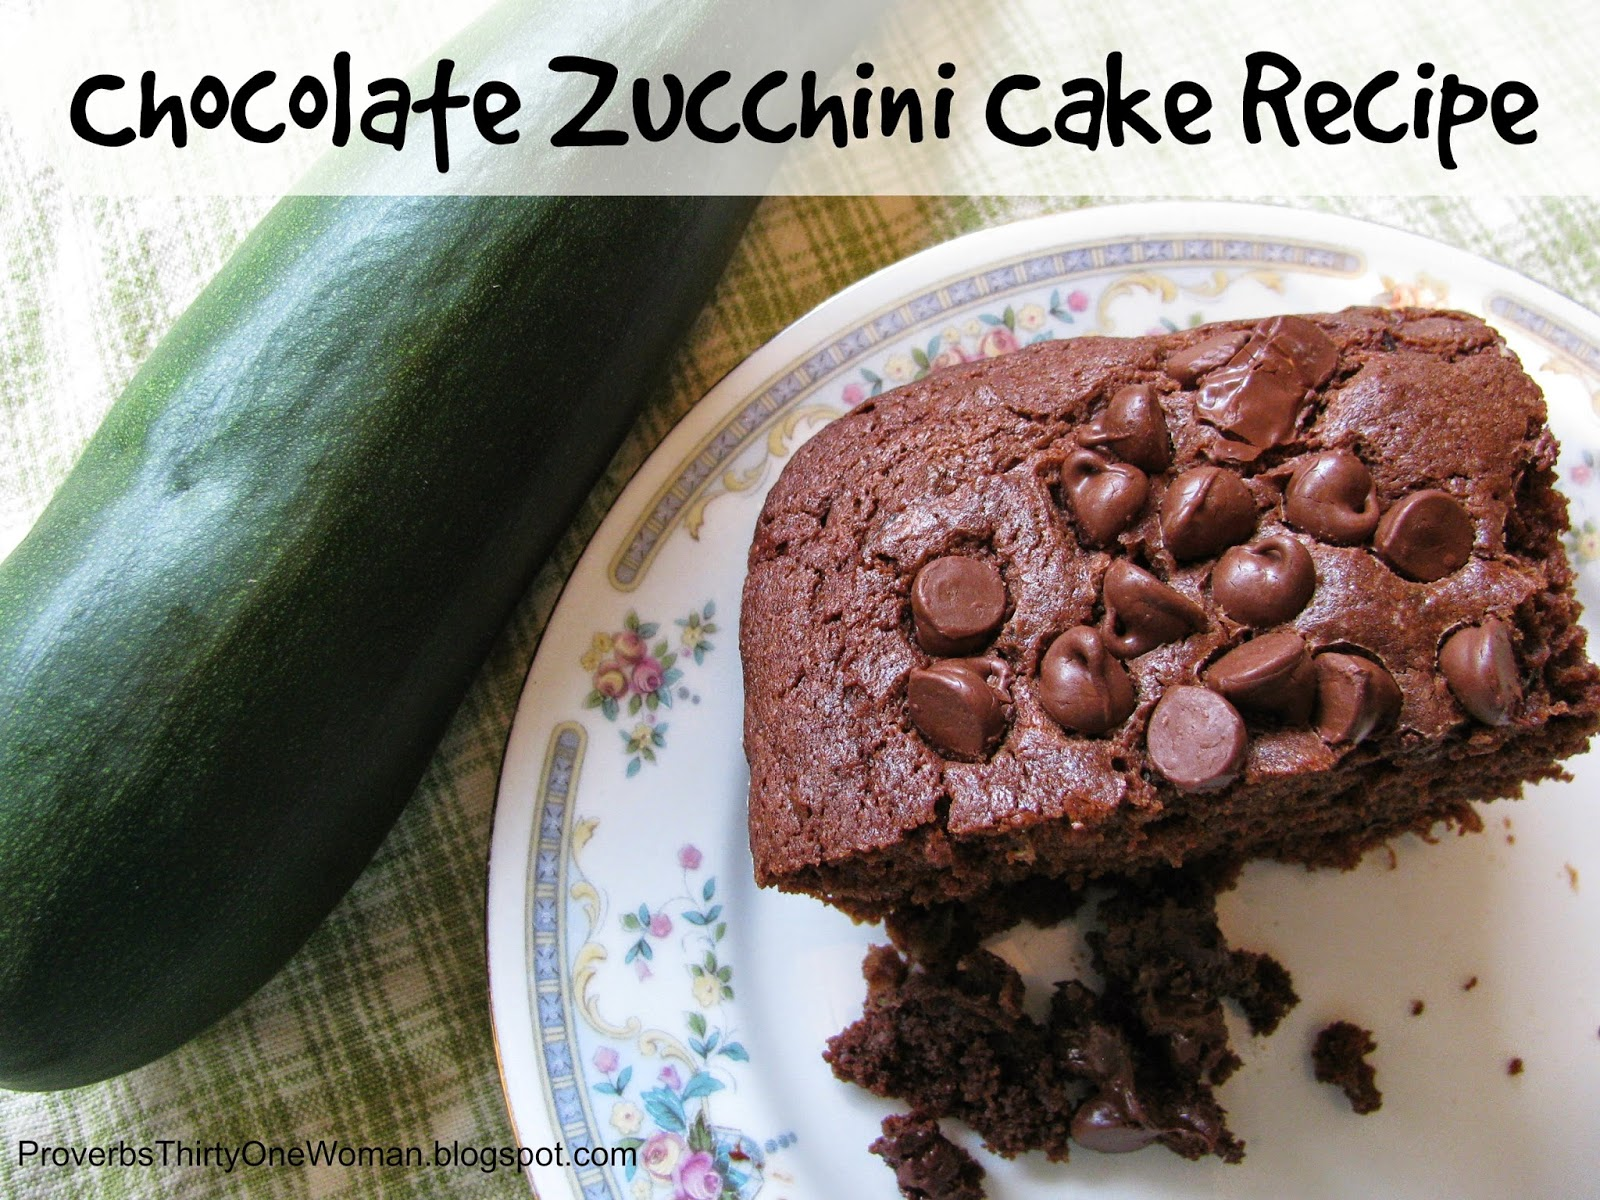 Chocolate Zucchini Cake With Chocolate Chips Recipe